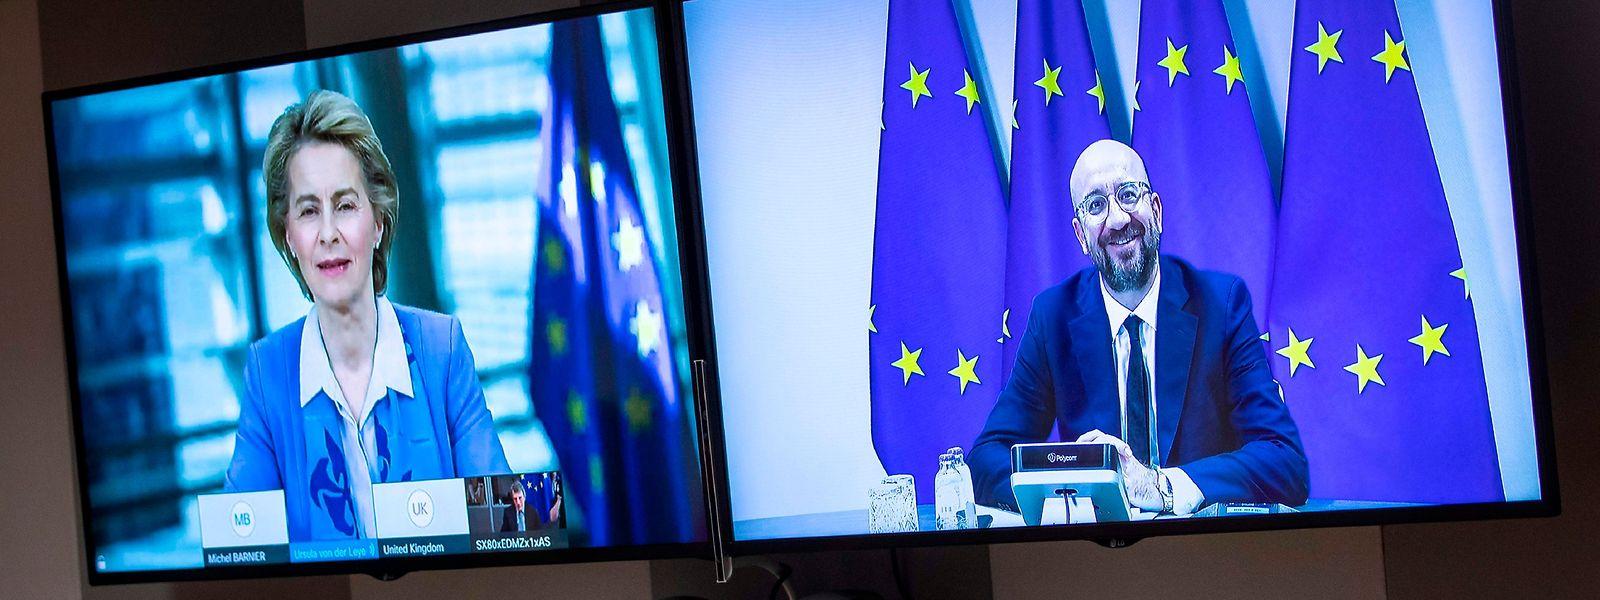 Pour l'Europe, le respect des droits de l'homme et des libertés fondamentales doit former «une part importante des négociations sur l'accord d'investissement UE-Chine».